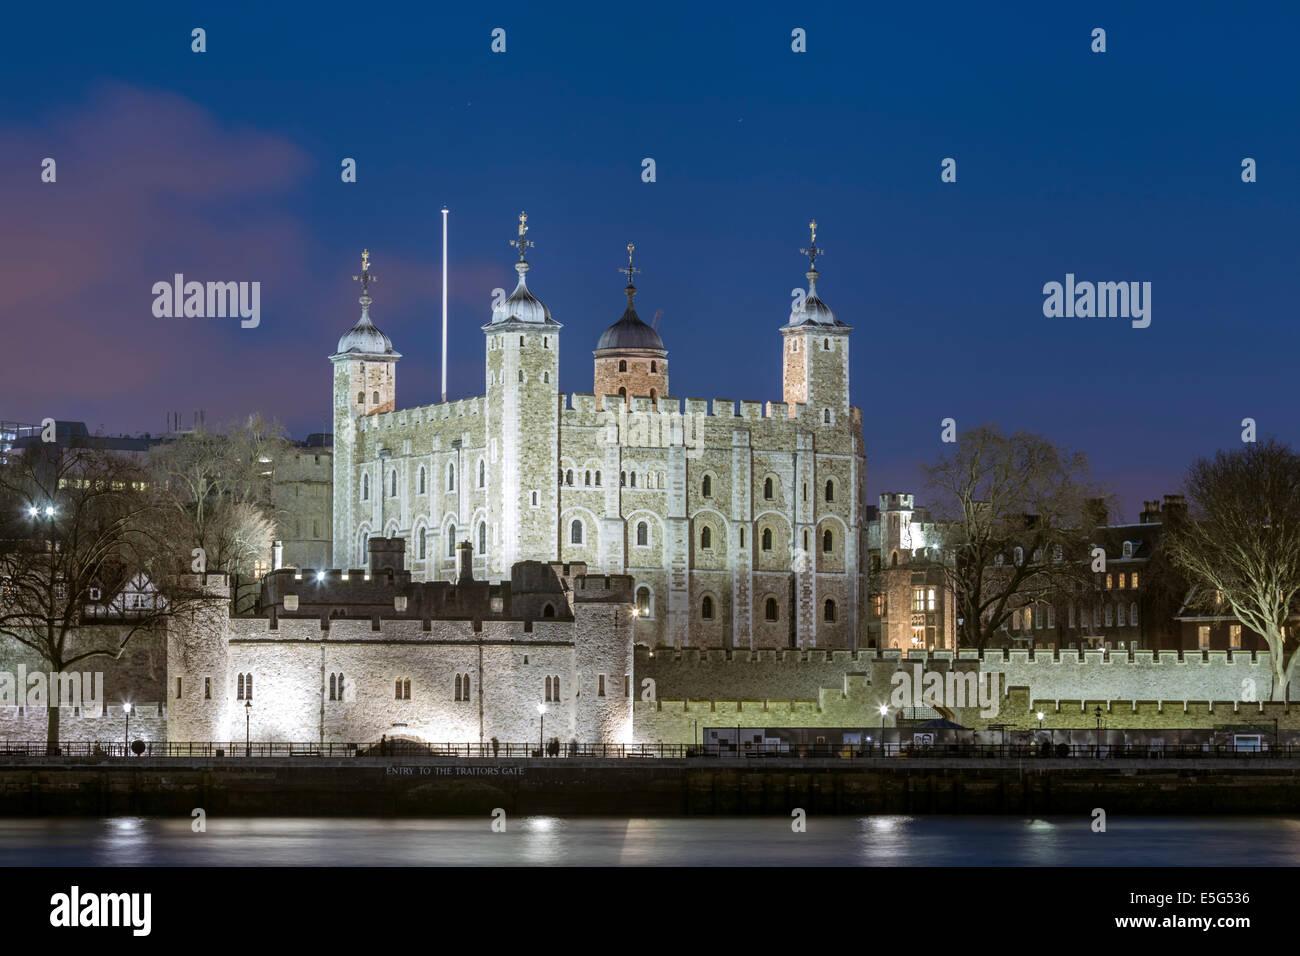 Der Tower von London schloss und der königliche Palast, der zum UNESCO-Weltkulturerbe zählt, bei Nacht Stockbild